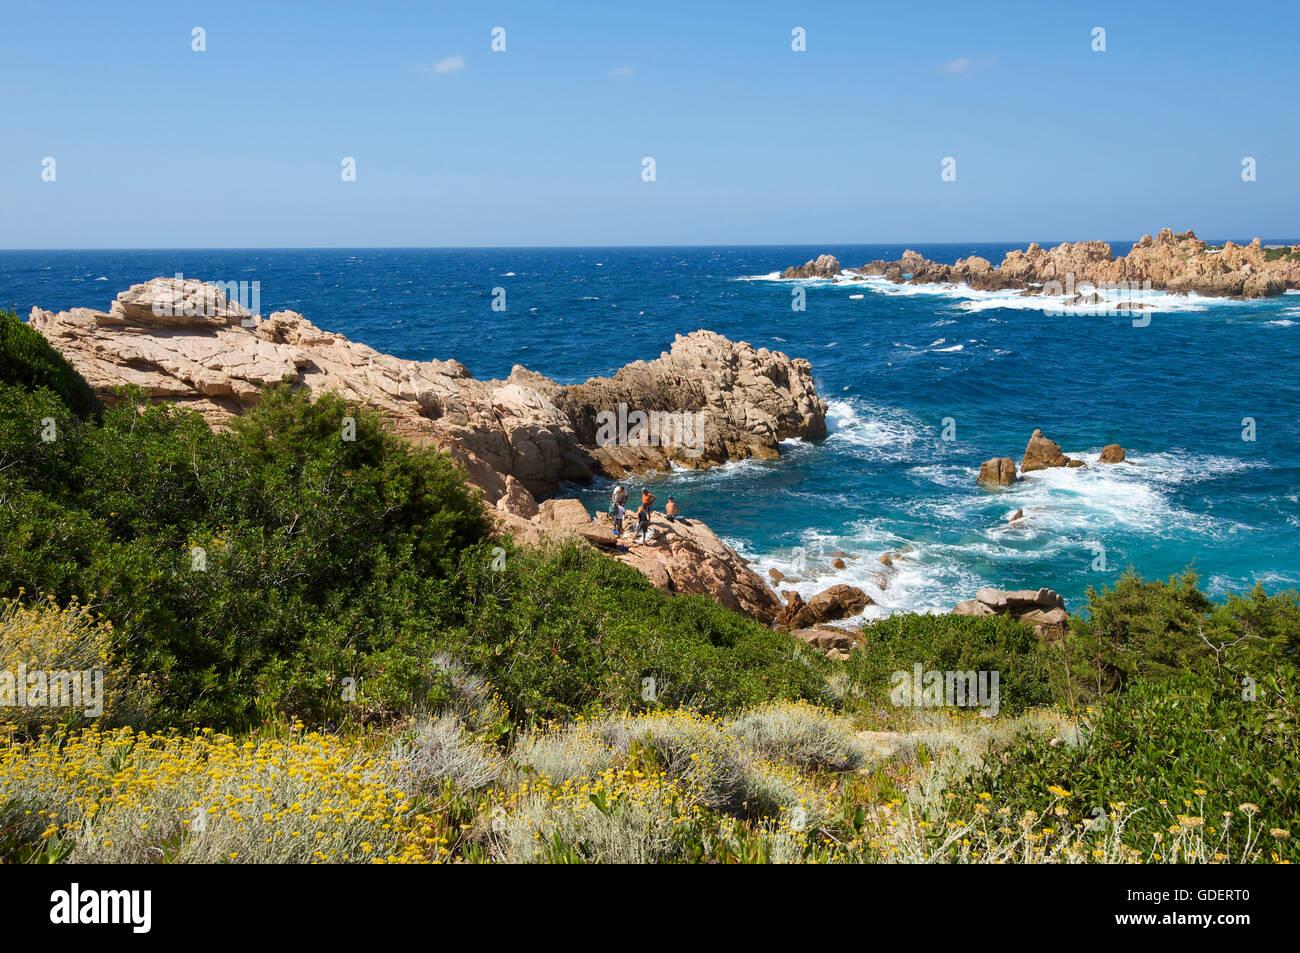 Capo Testa near Santa Teresa Gallura, Sardinia, Italy Stock Photo